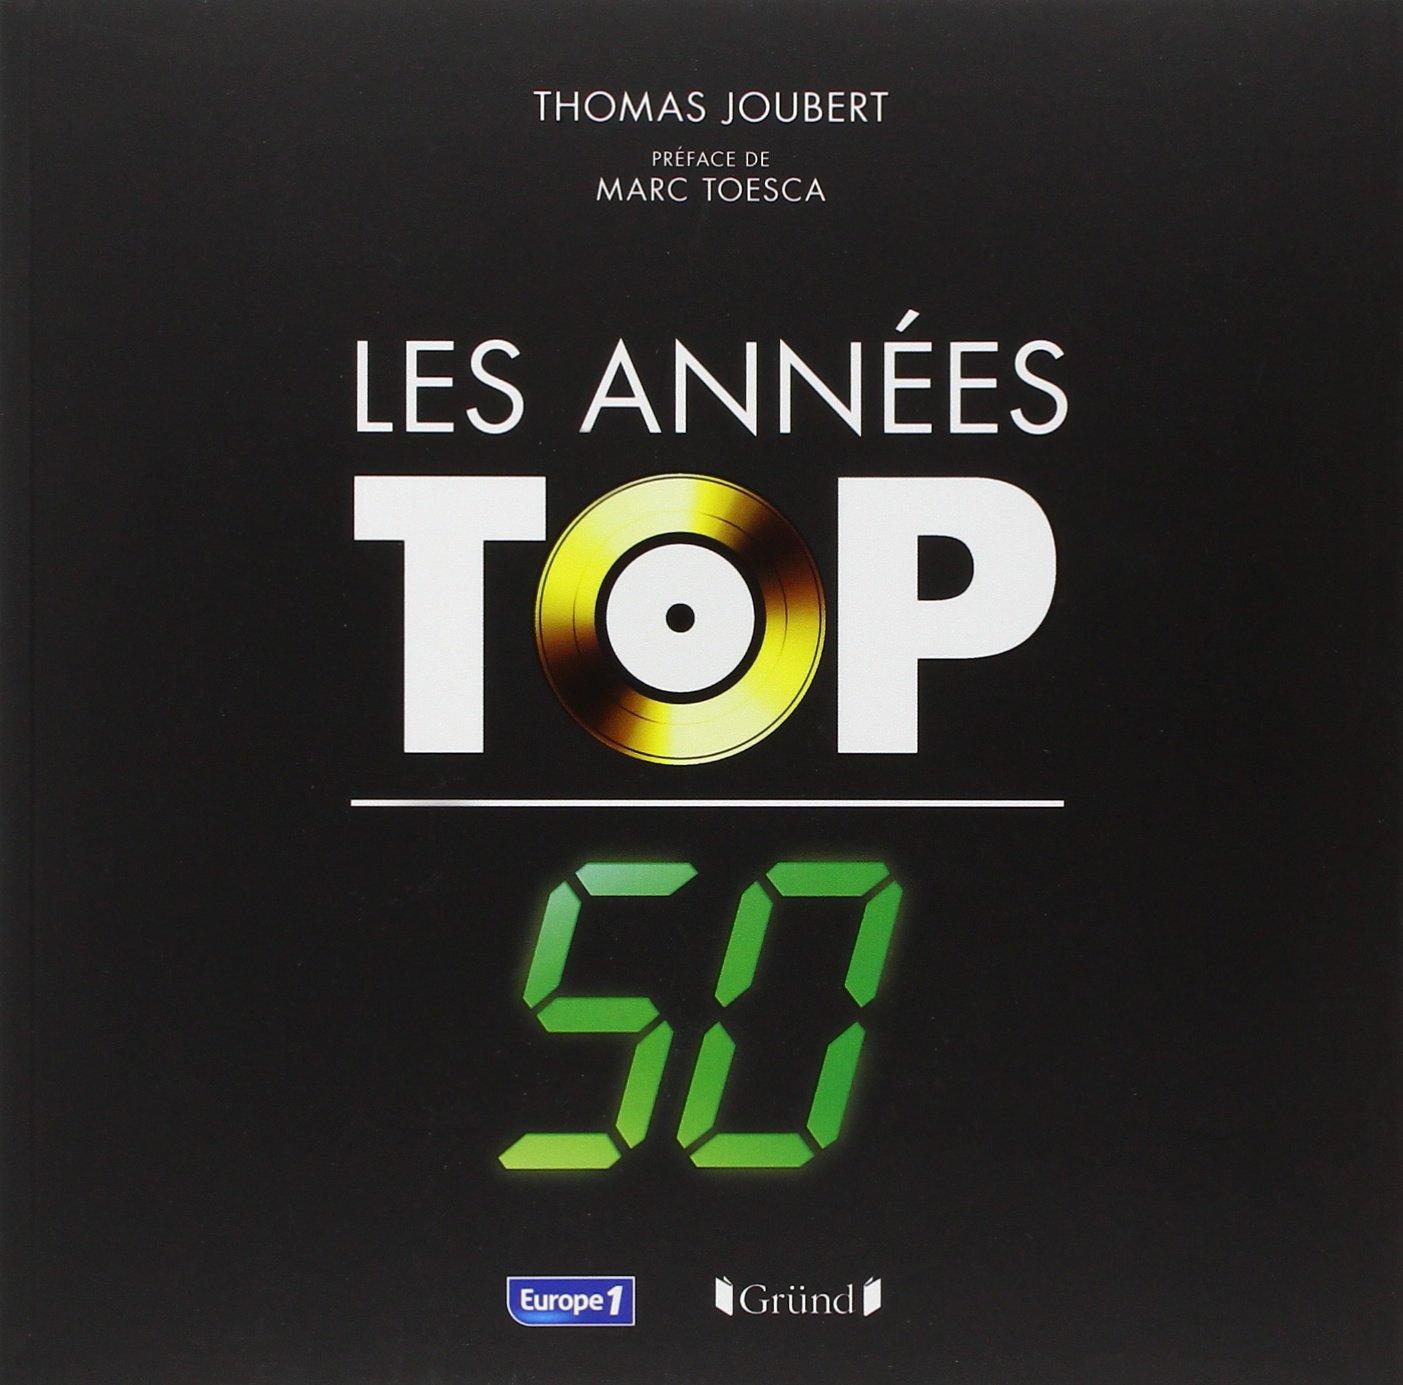 Les années Top 50 - Thomas Joubert